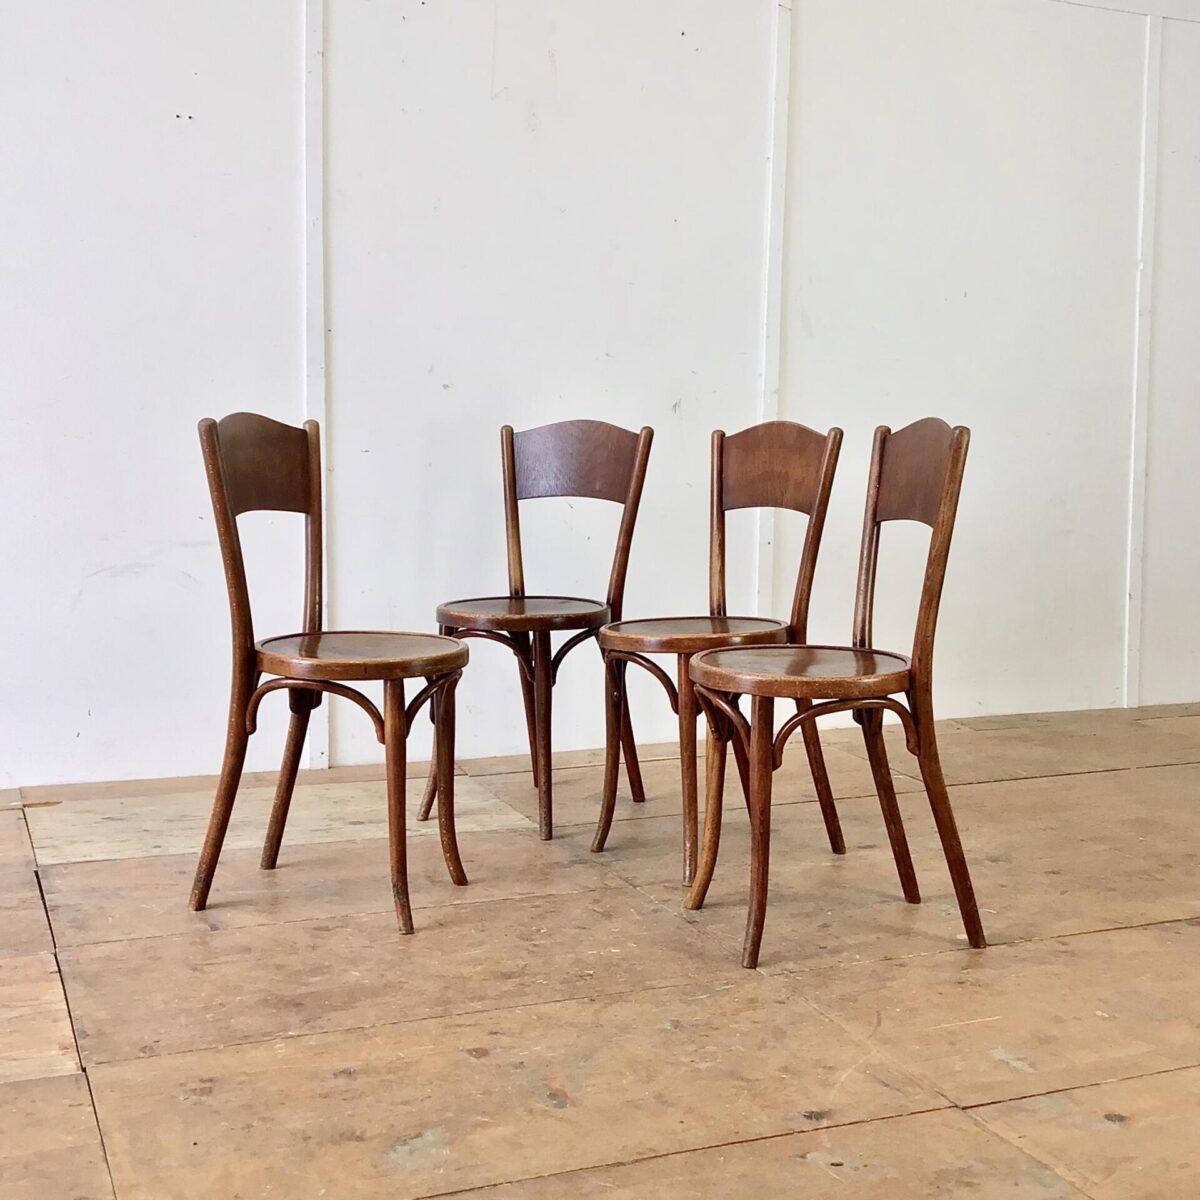 Deuxieme.shop Wiener Bugholz Stühle. 4er Set Bistrostühle von Thonet. Die Stühle sind in in stabilem überarbeiteten Zustand. Vorderbeine teilweise frisch eingeleimt. Warme Dunkelbraune Alterspatina.